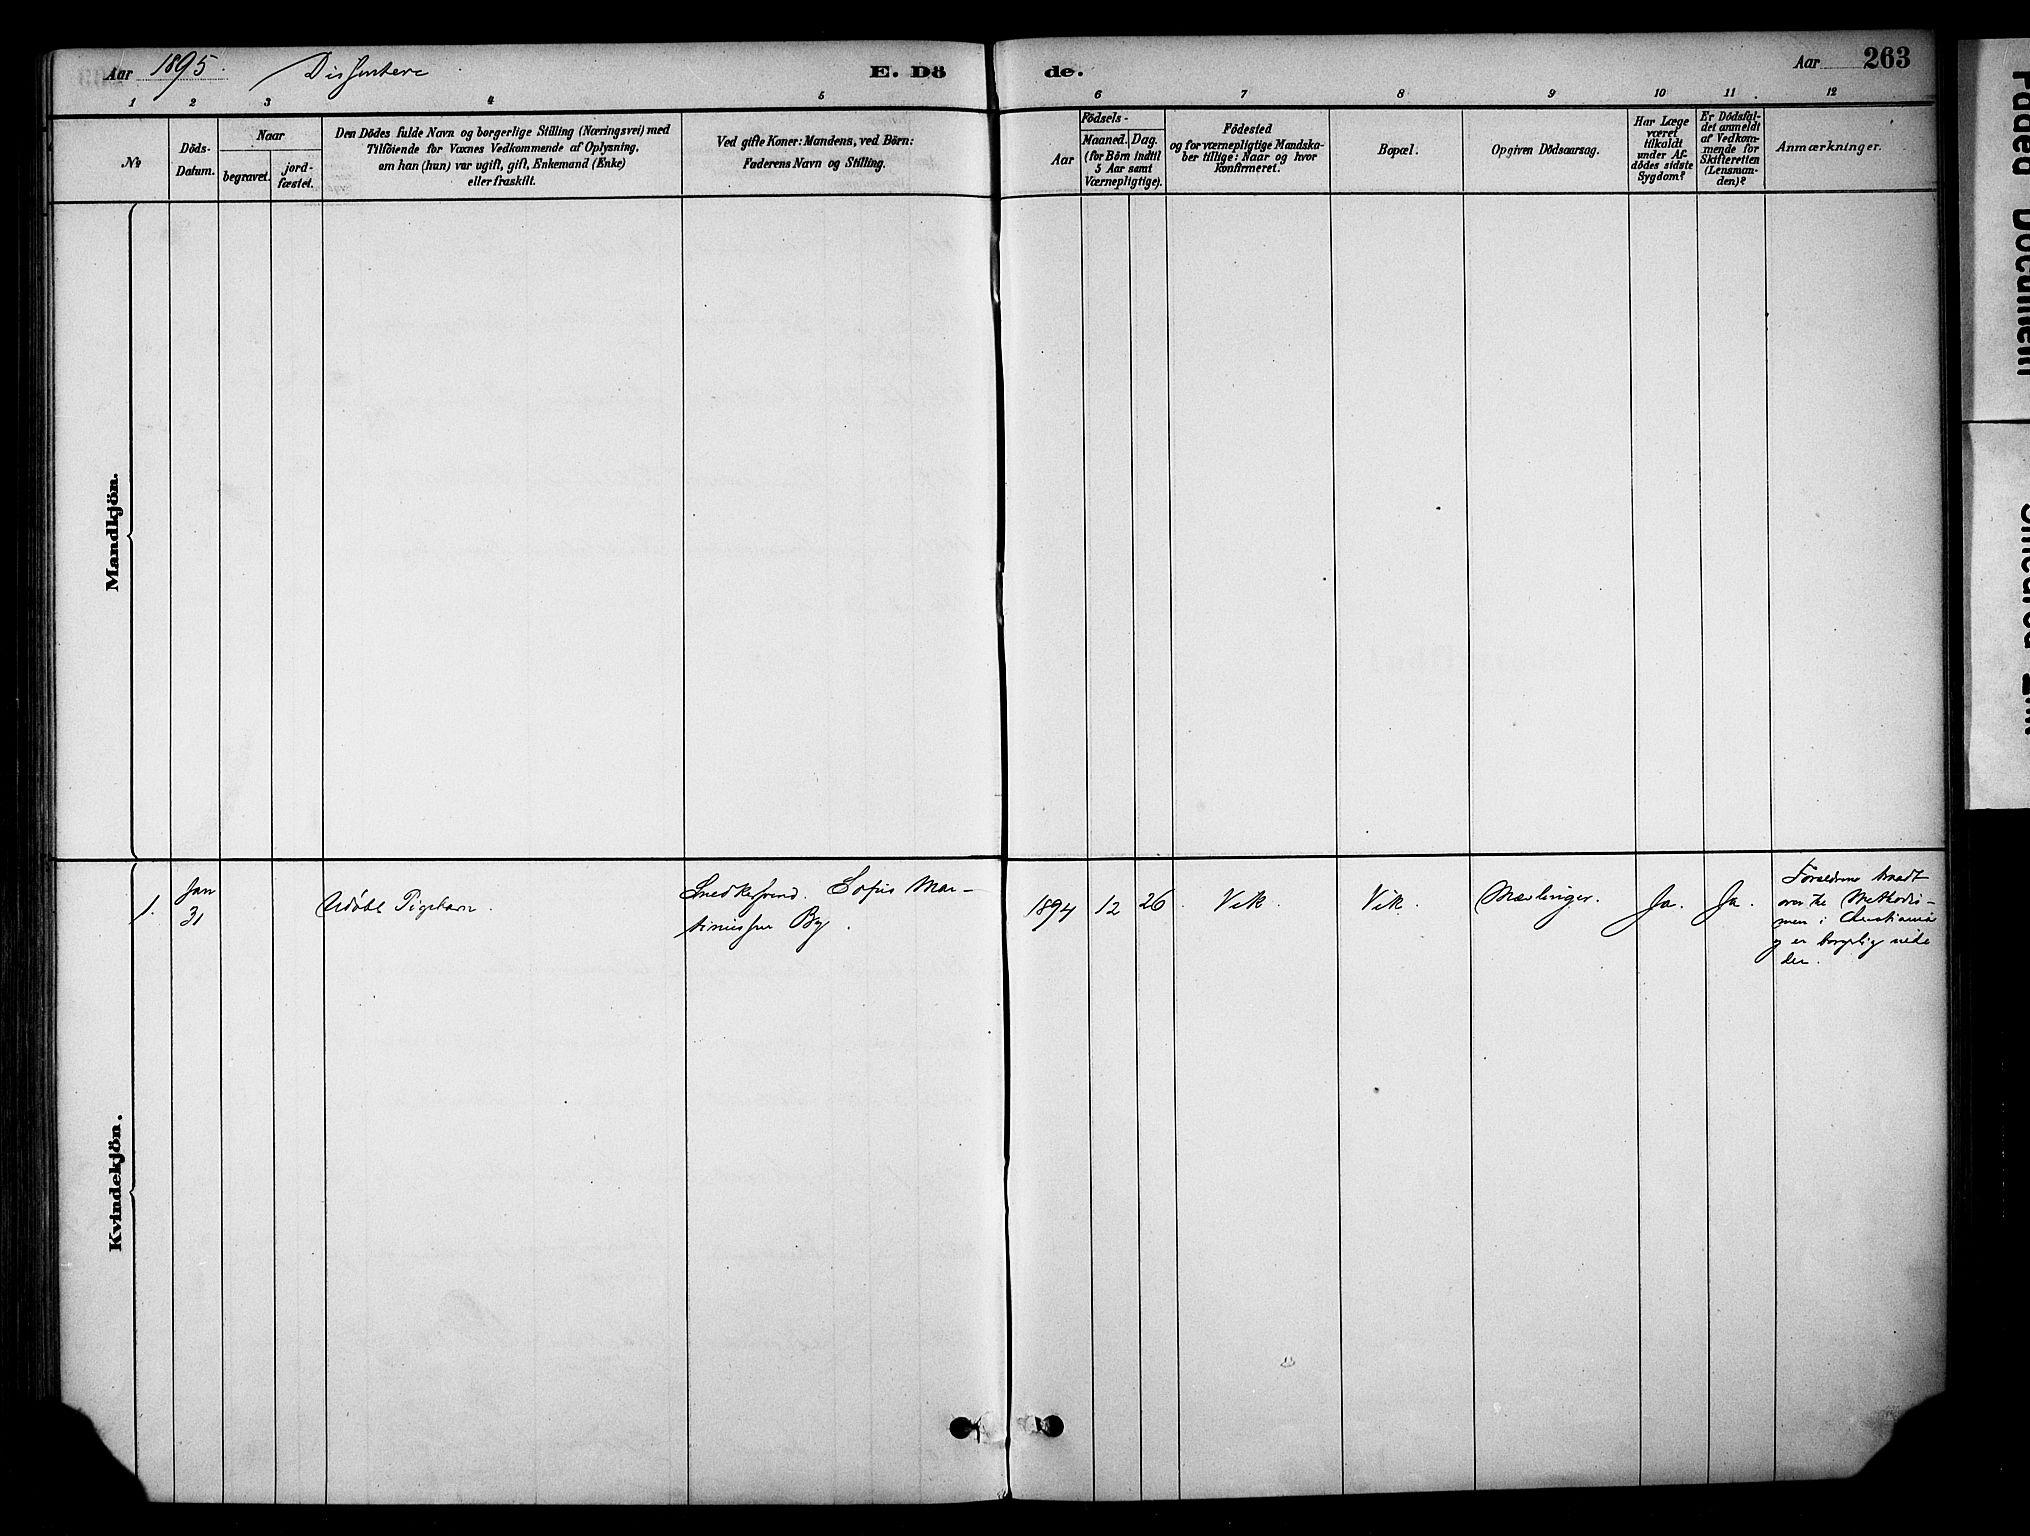 SAH, Stange prestekontor, K/L0018: Parish register (official) no. 18, 1880-1896, p. 263